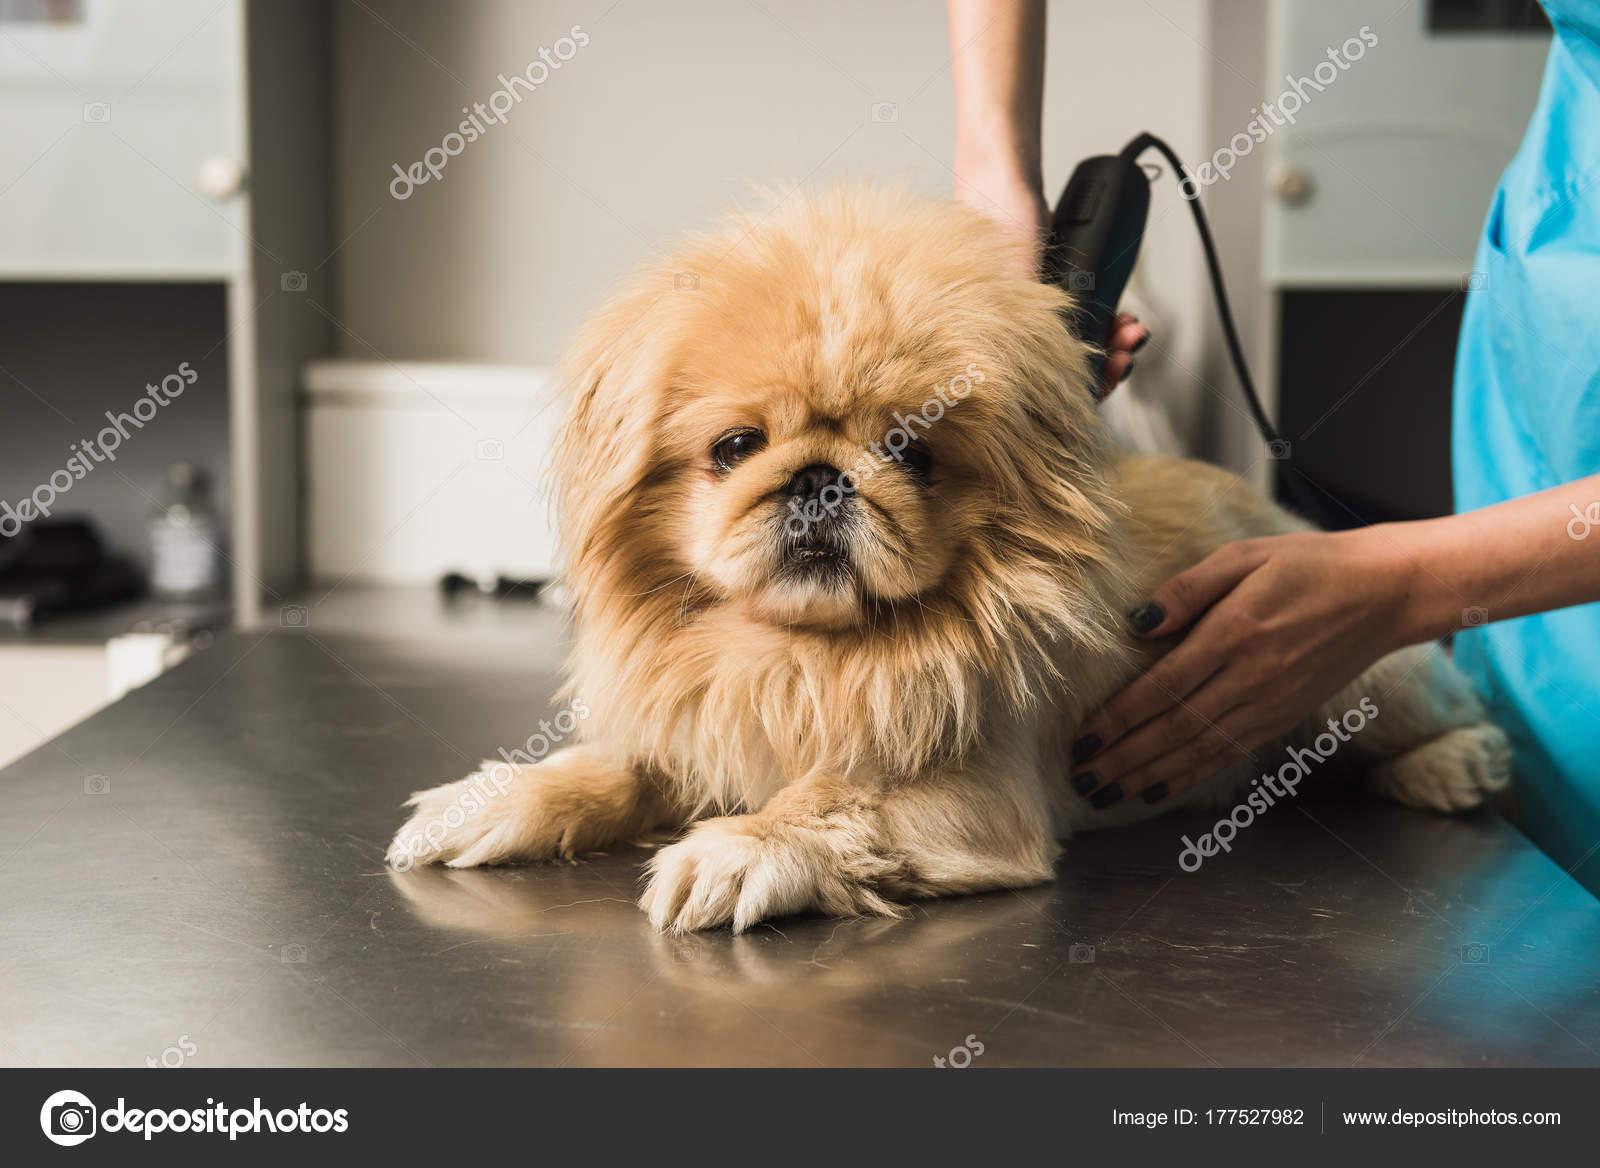 Mały Pies Coraz Fryzura Zdjęcie Stockowe 160275 177527982